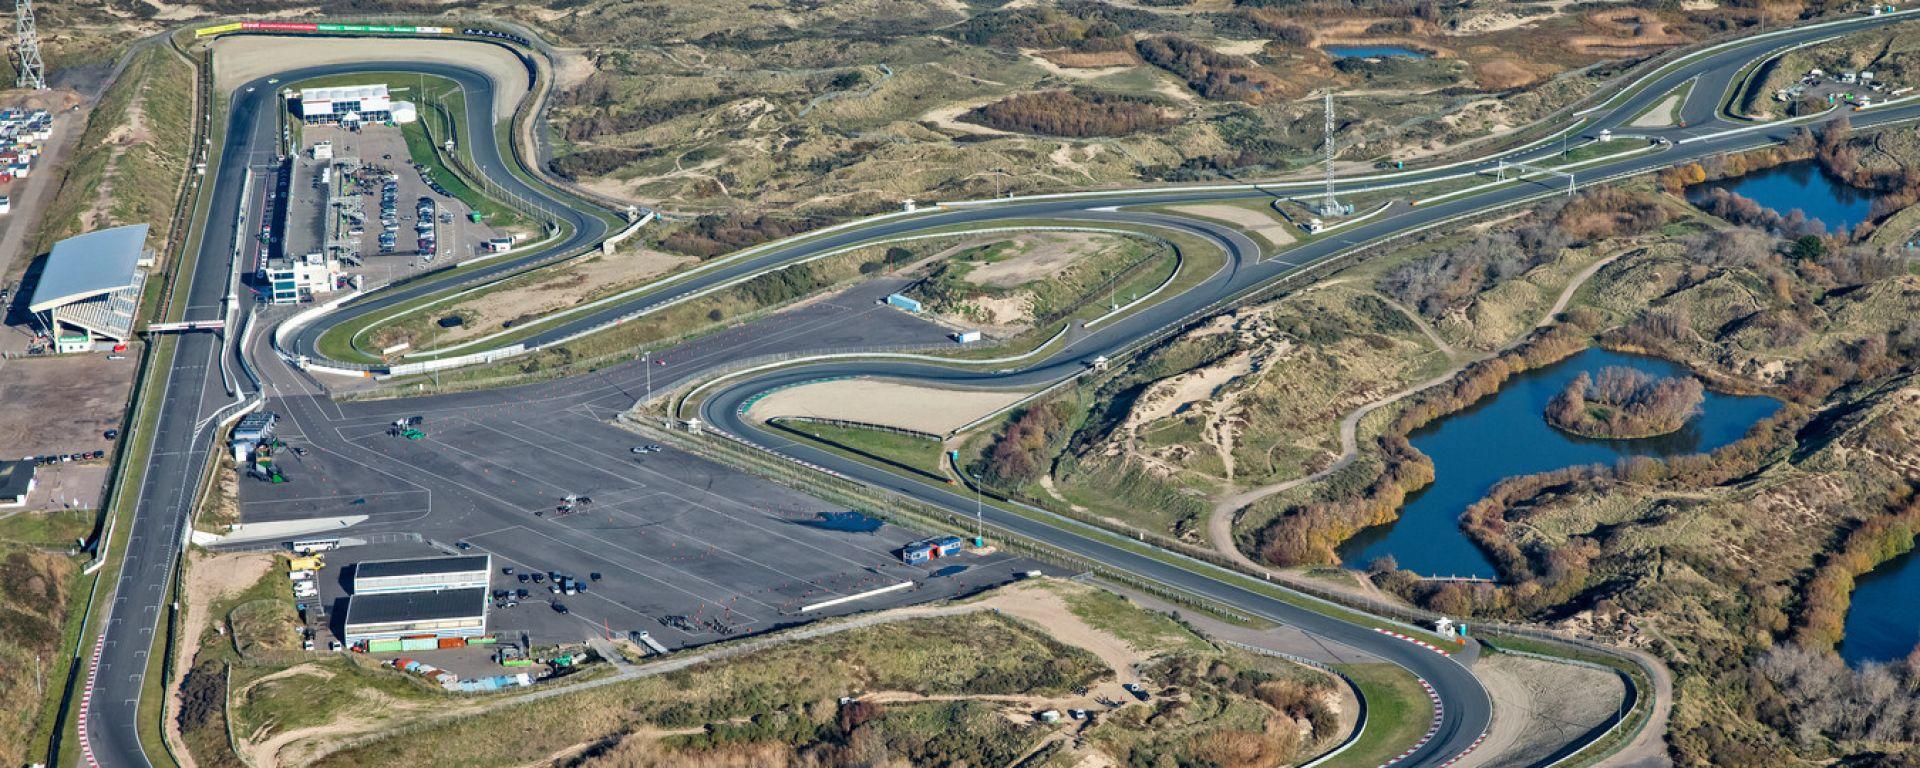 Zandvoort, l'ultima curva meglio di Indianapolis